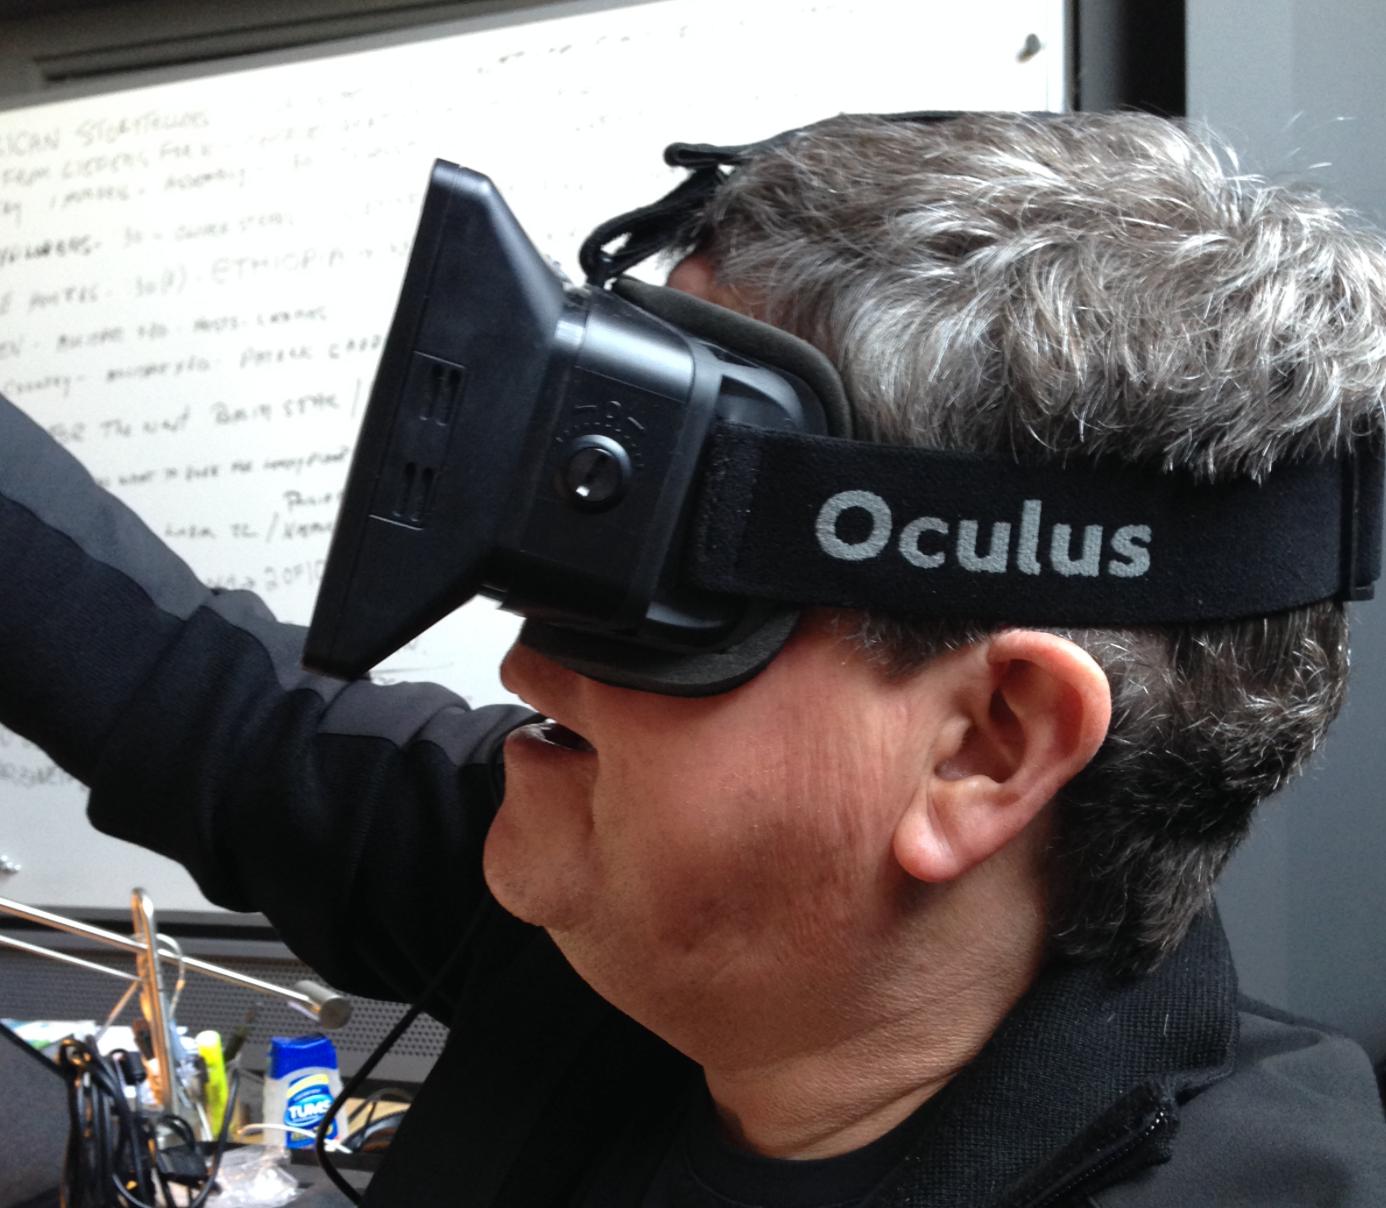 oculus, VR, AR